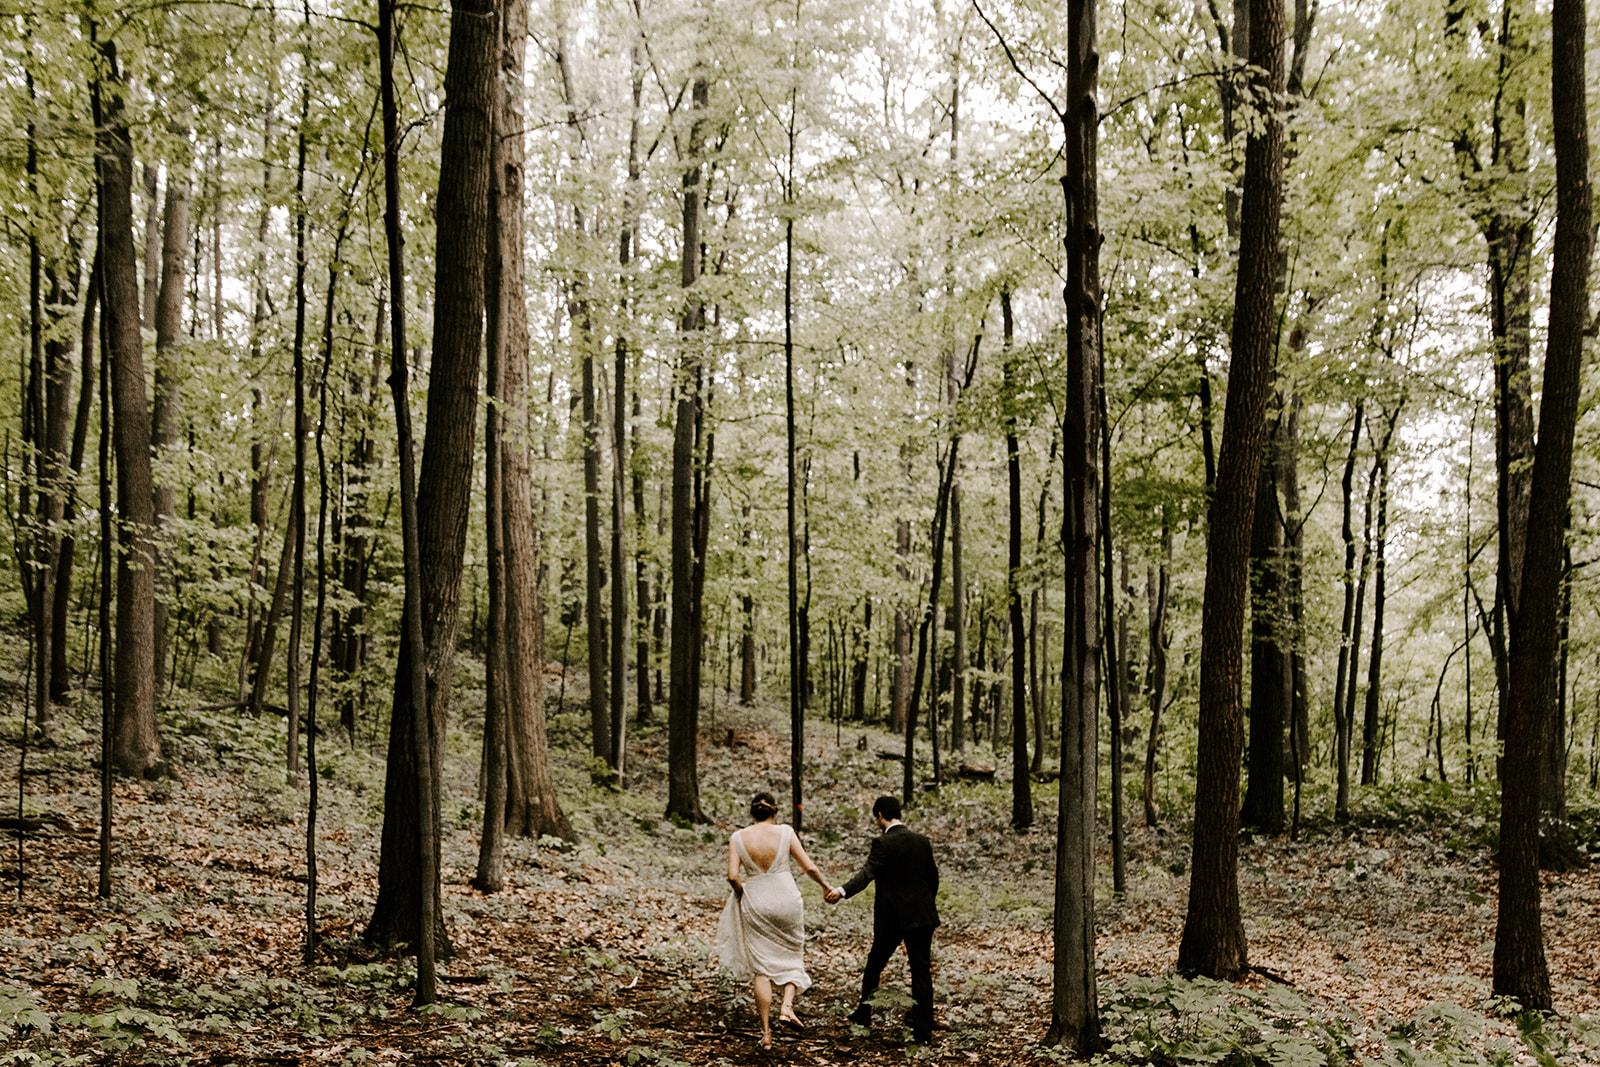 2019-06-01-00-Lindsey+Mat-04_Couples_Portraits-meandhimphoto-0007-T5D18139.jpg